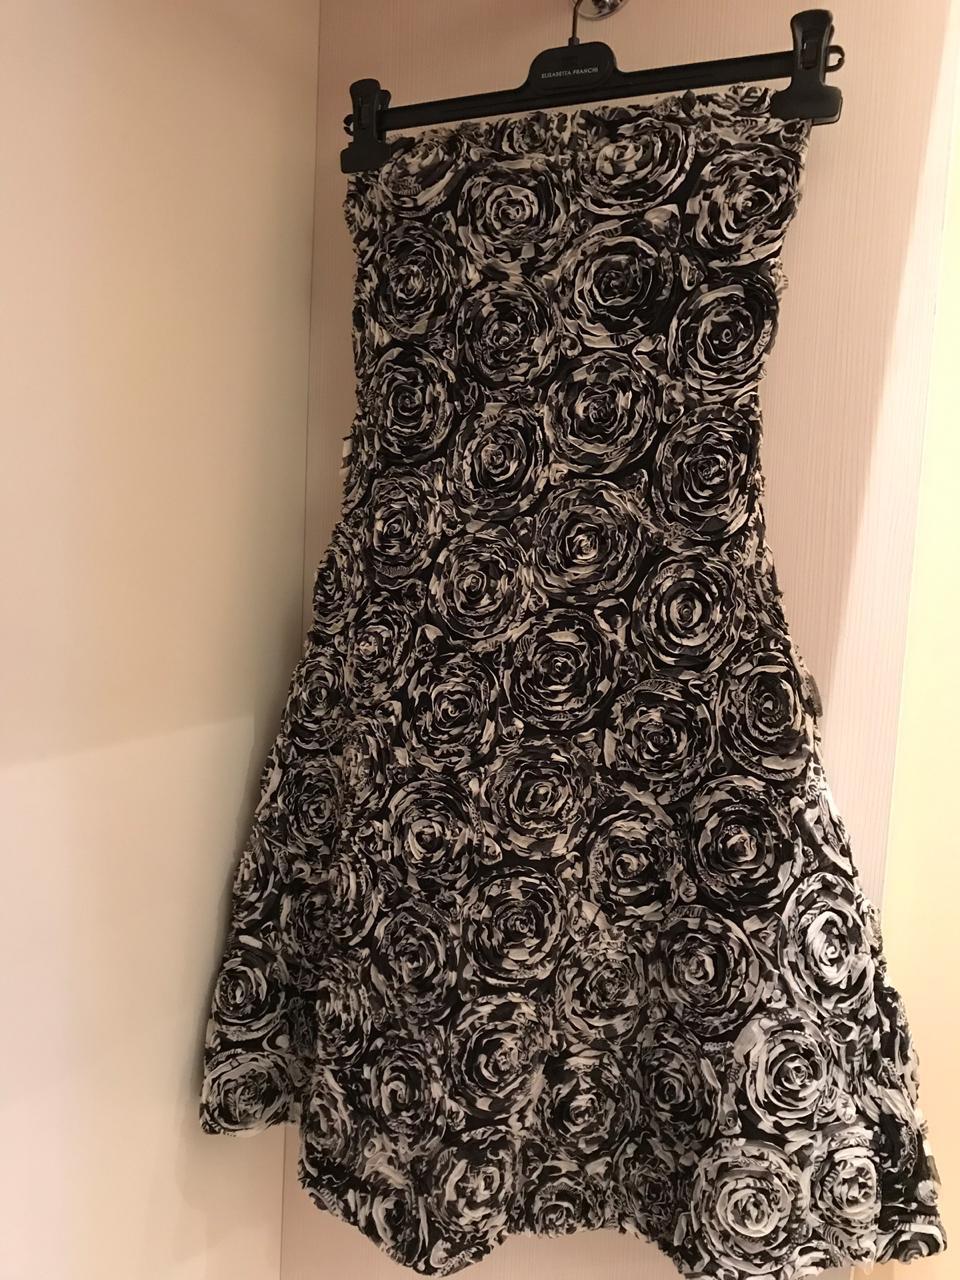 Платье ElCorte Ingles размер S